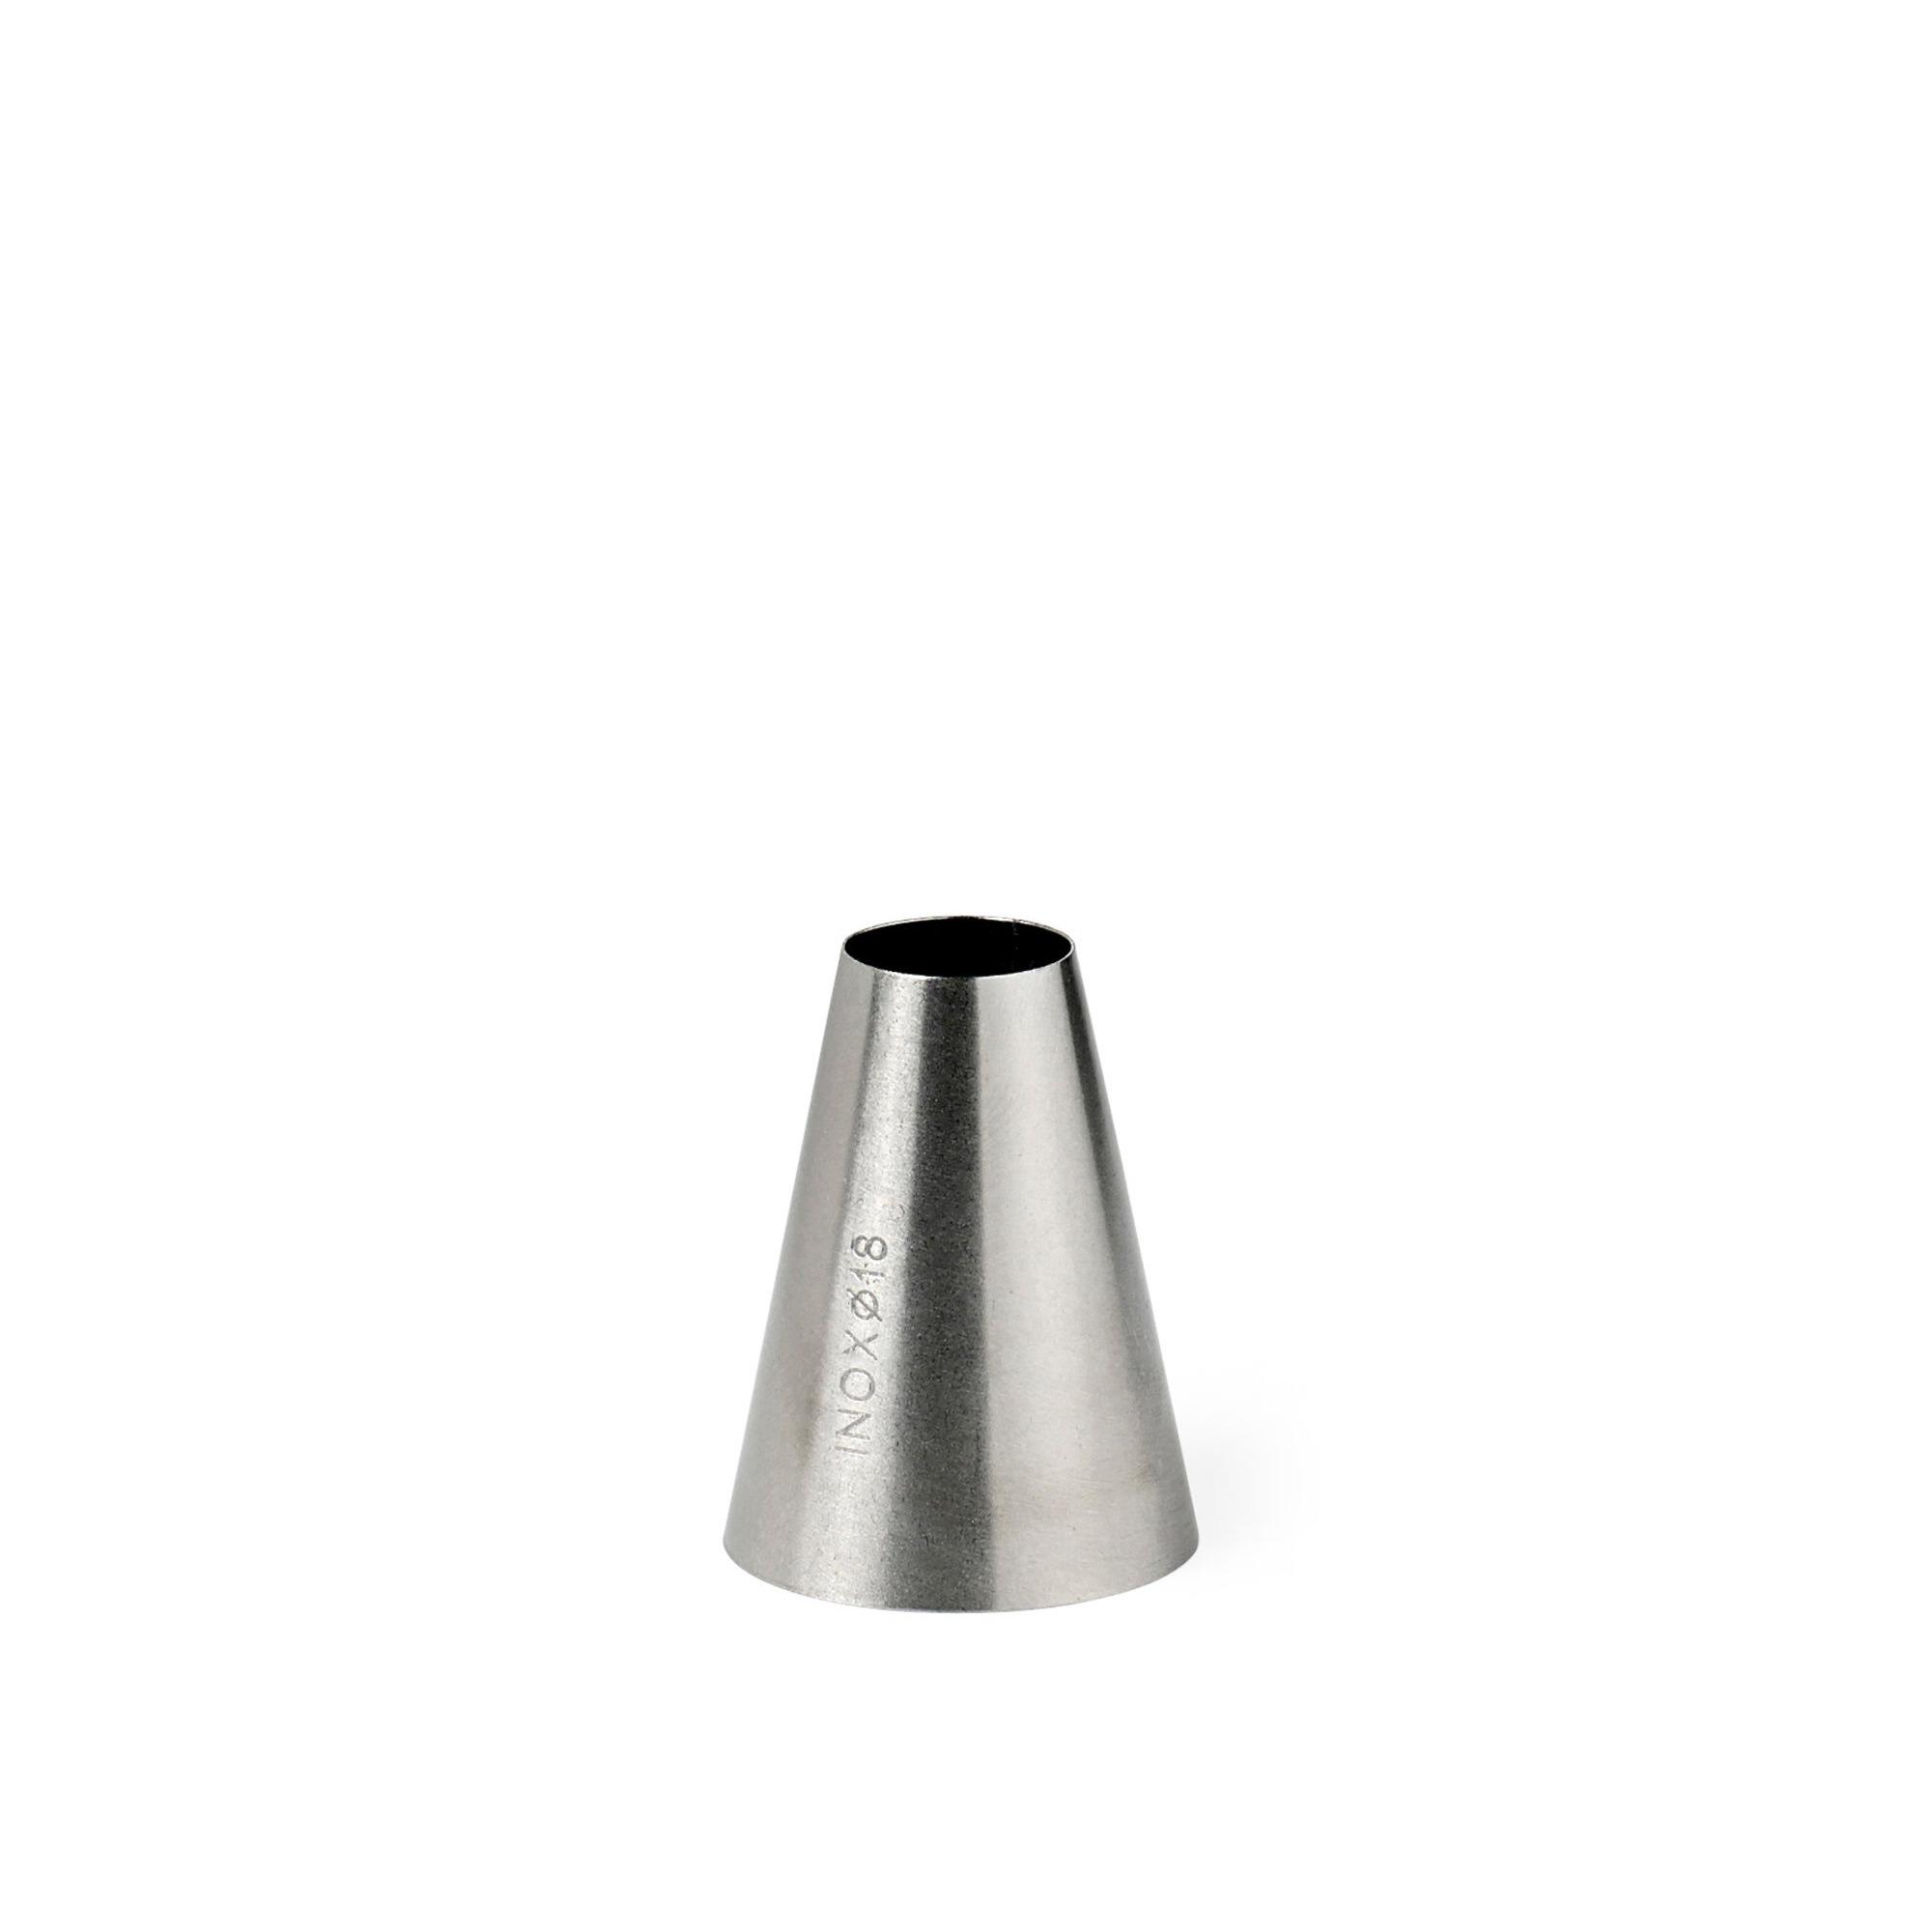 Blomsterbergs Slät tyll 18 mm stål